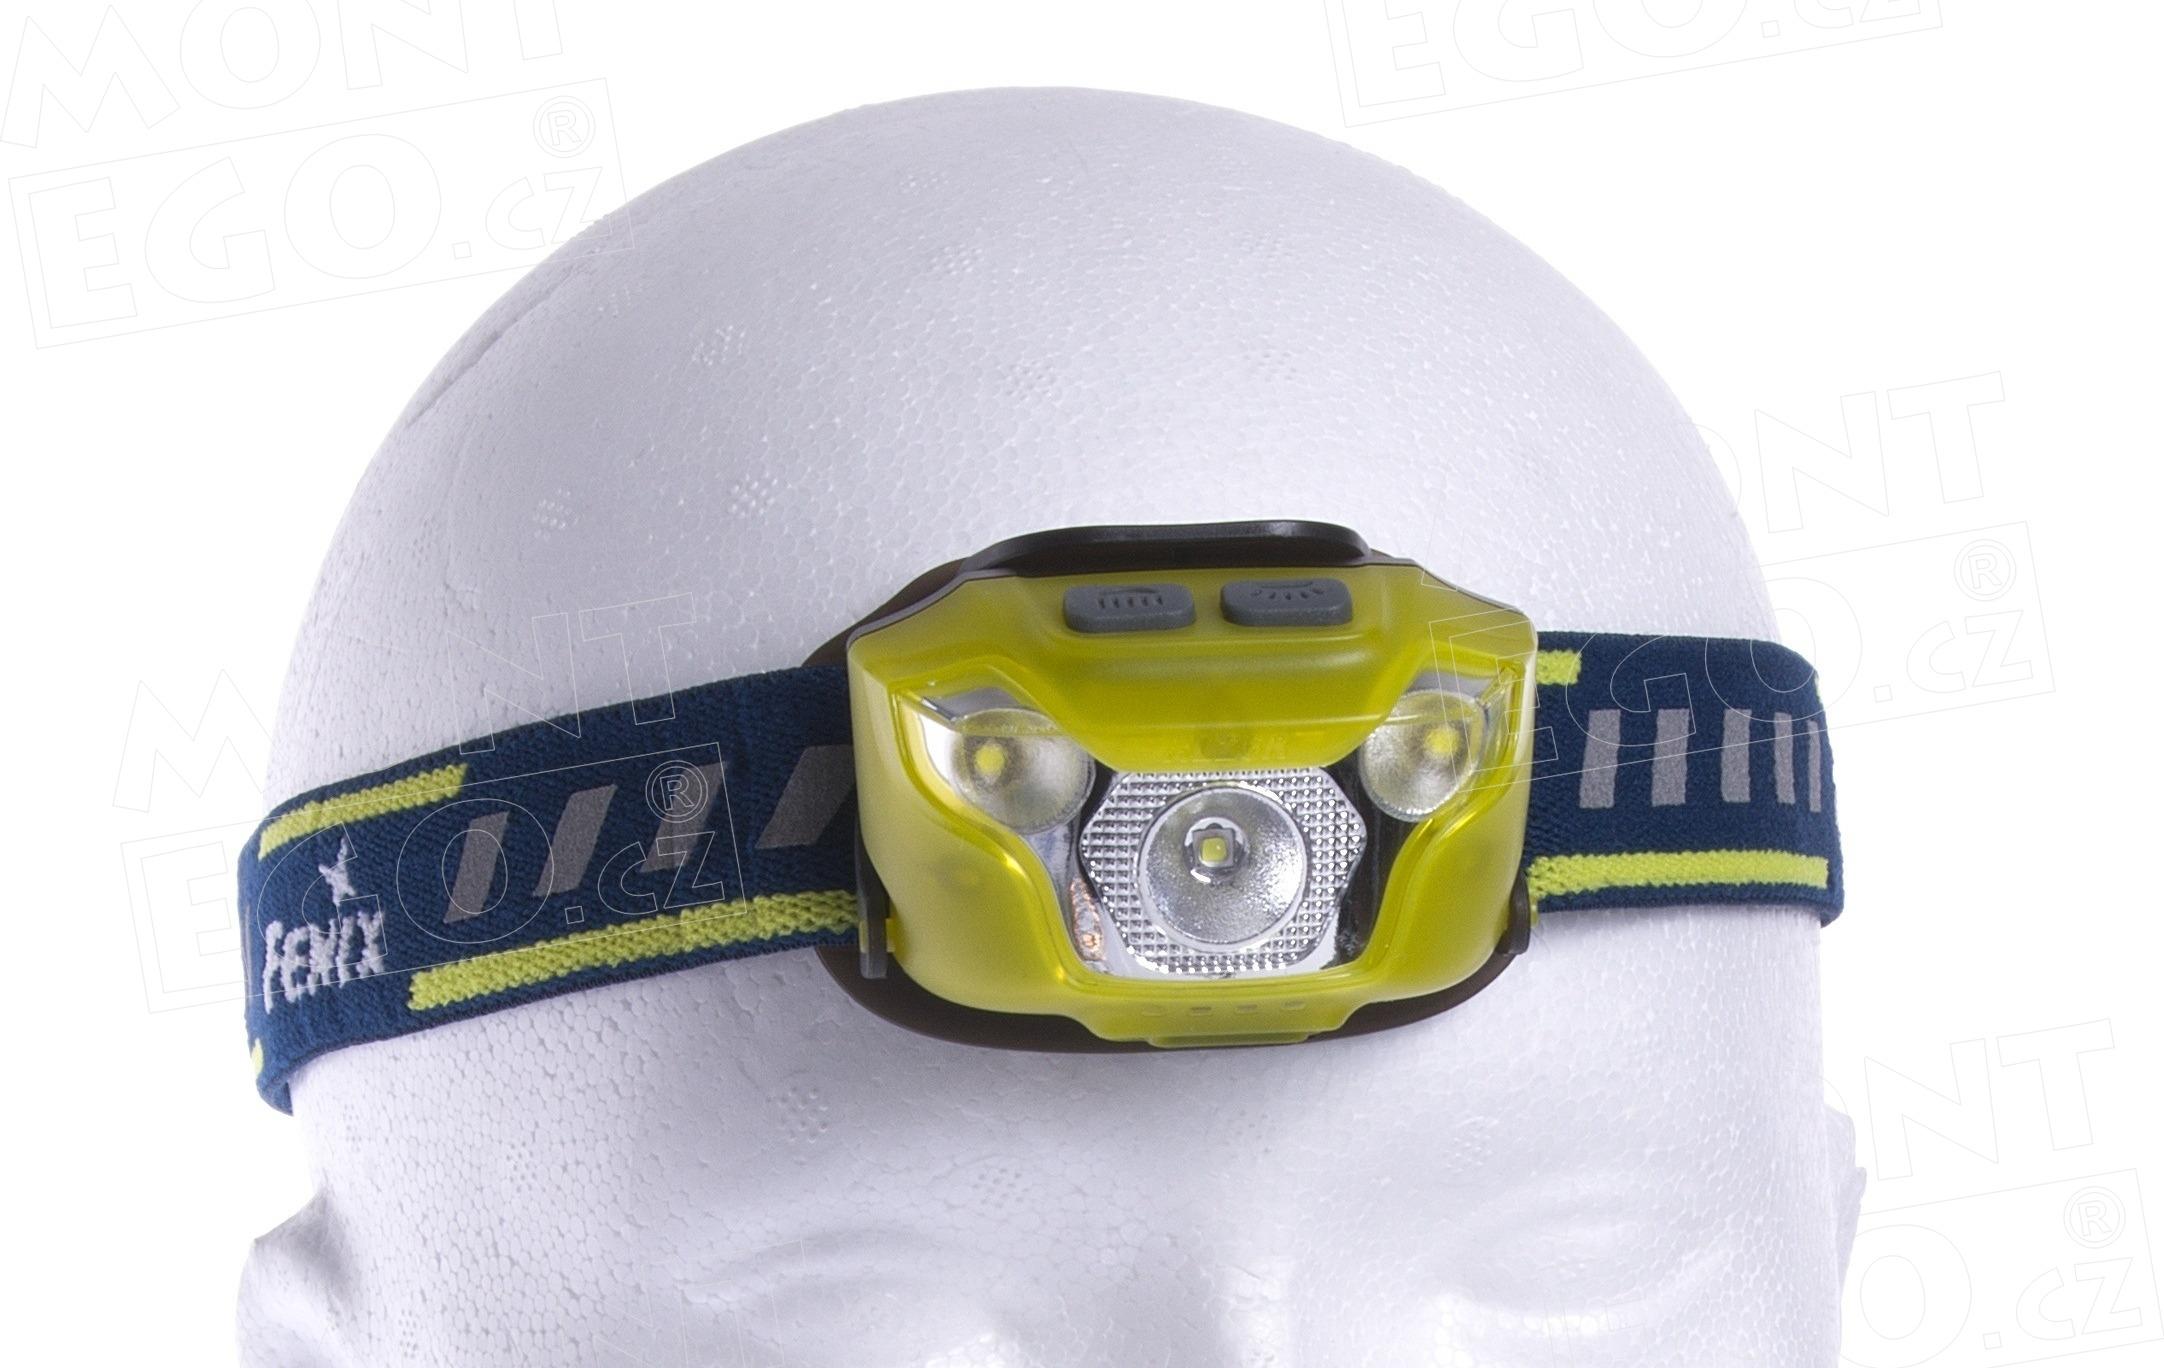 Malá čelovka Fenix HL26R, žlutá, 460 lm, nabíjení přes USB